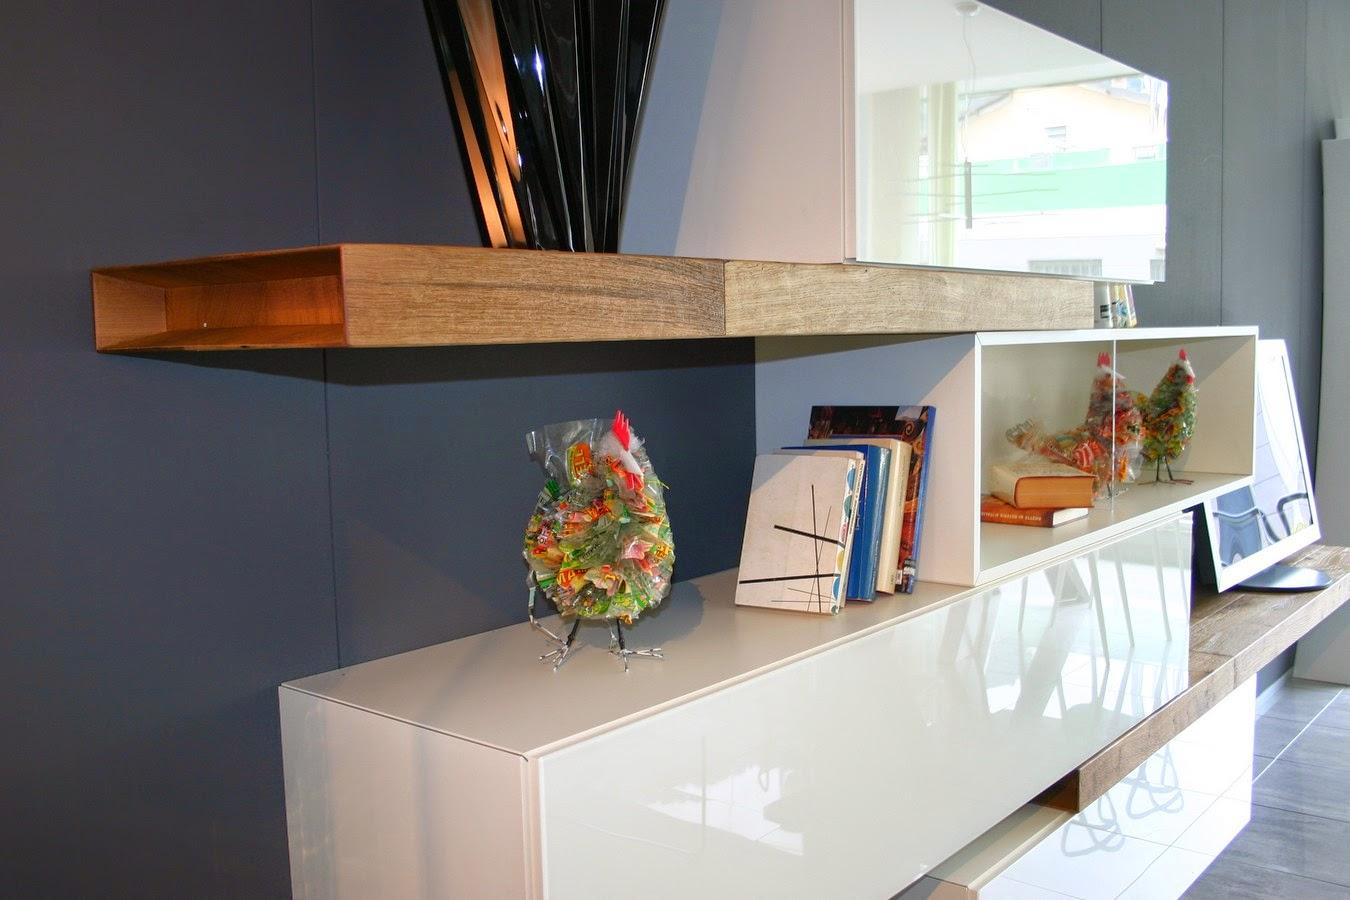 Soggiorni e salotti moderni arredo per la tua casa for Mobile sala